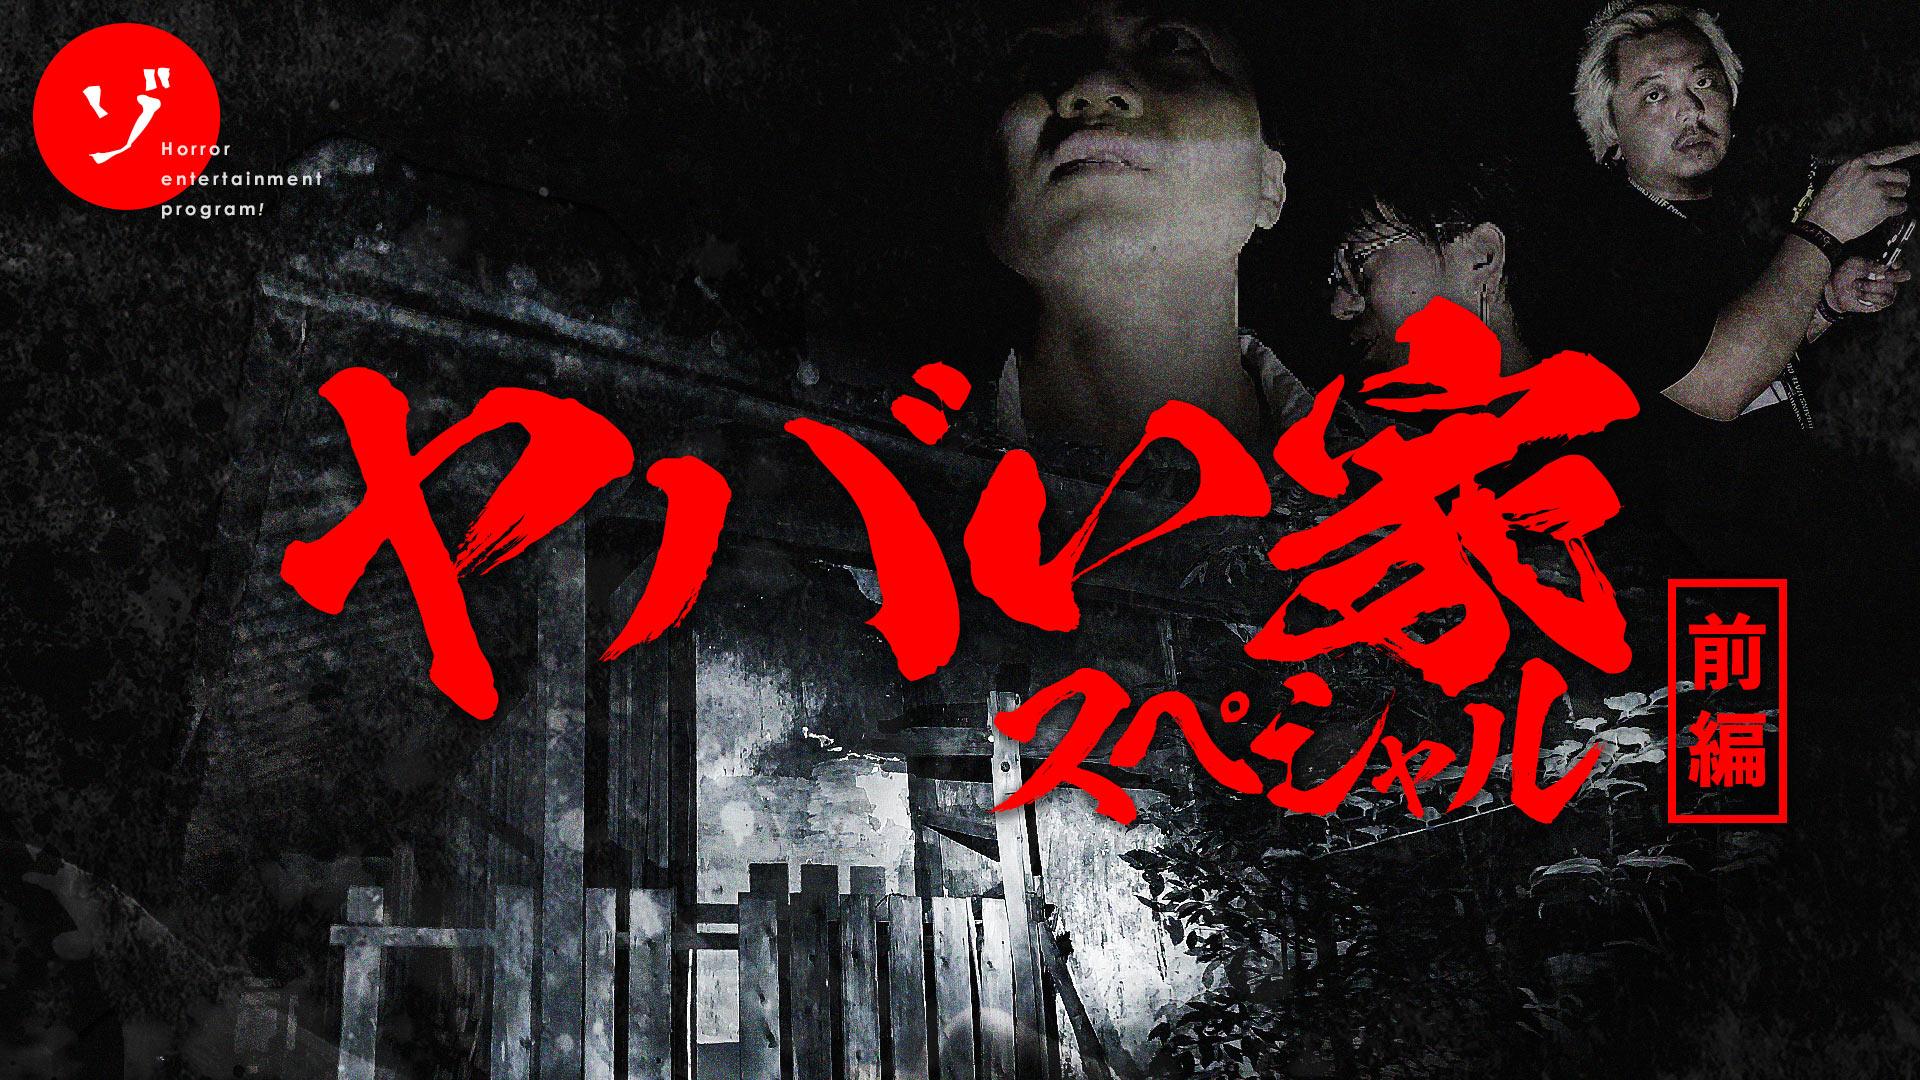 ゾゾゾ最新作「ヤバい家スペシャル」前編・後編11/27(金)12/4(金)2週連続配信決定!サムネイル解禁!